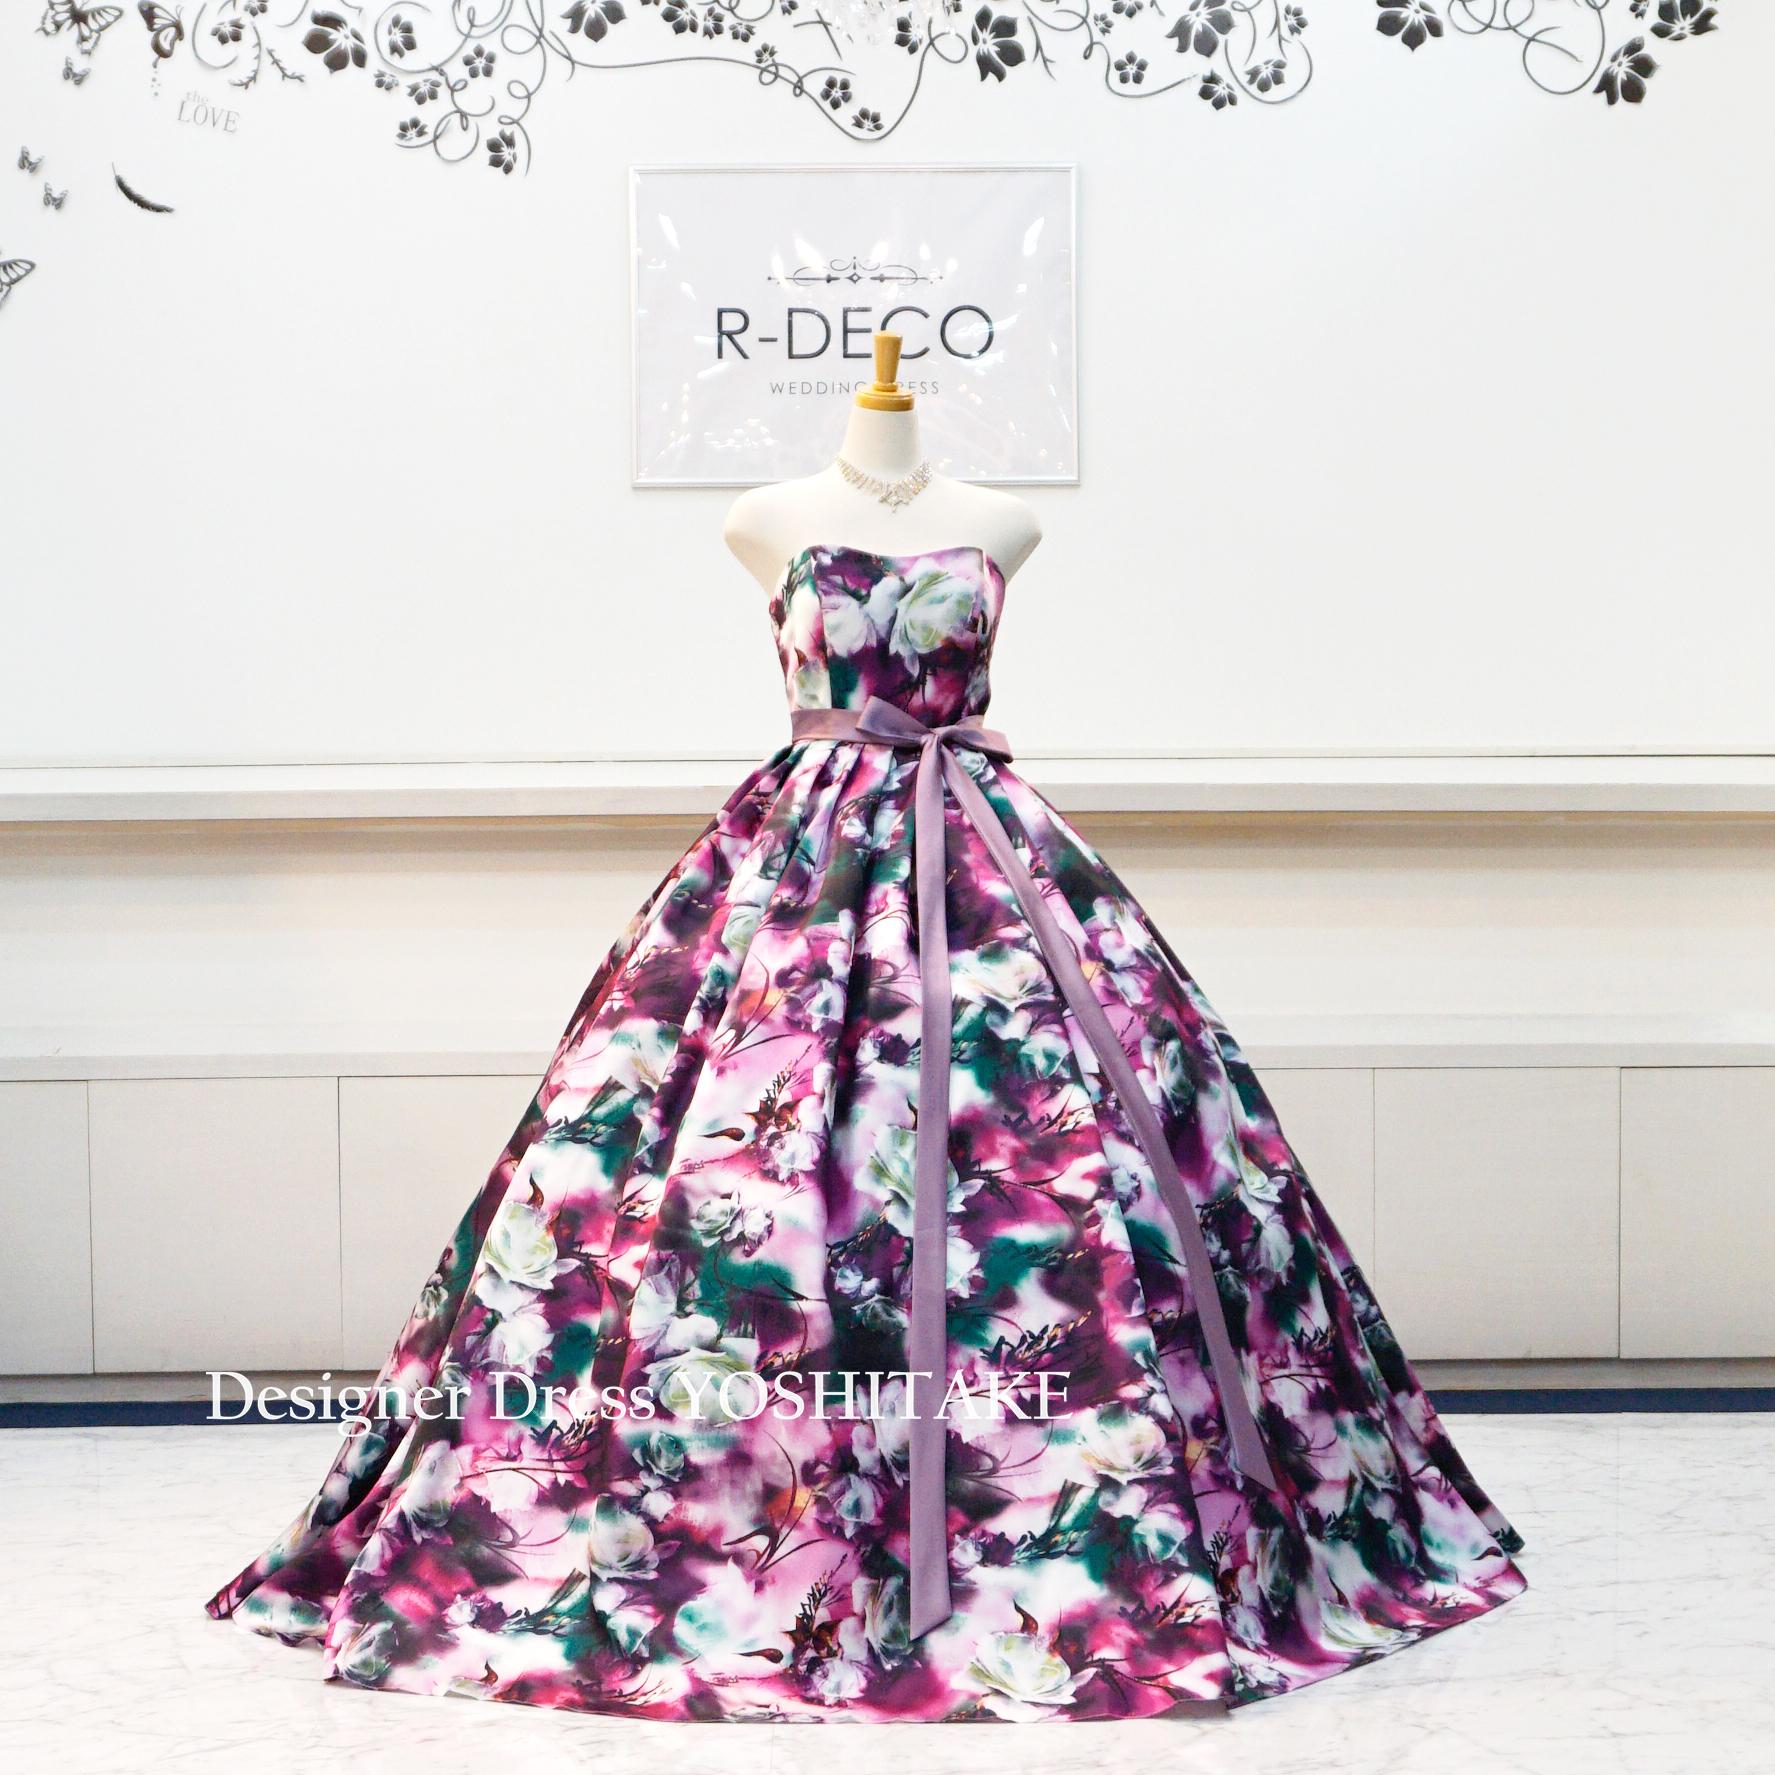 【オーダー制作】ウエディングドレス パープル花柄ドレスVer2 披露宴/お色直し ※制作期間3週間から6週間